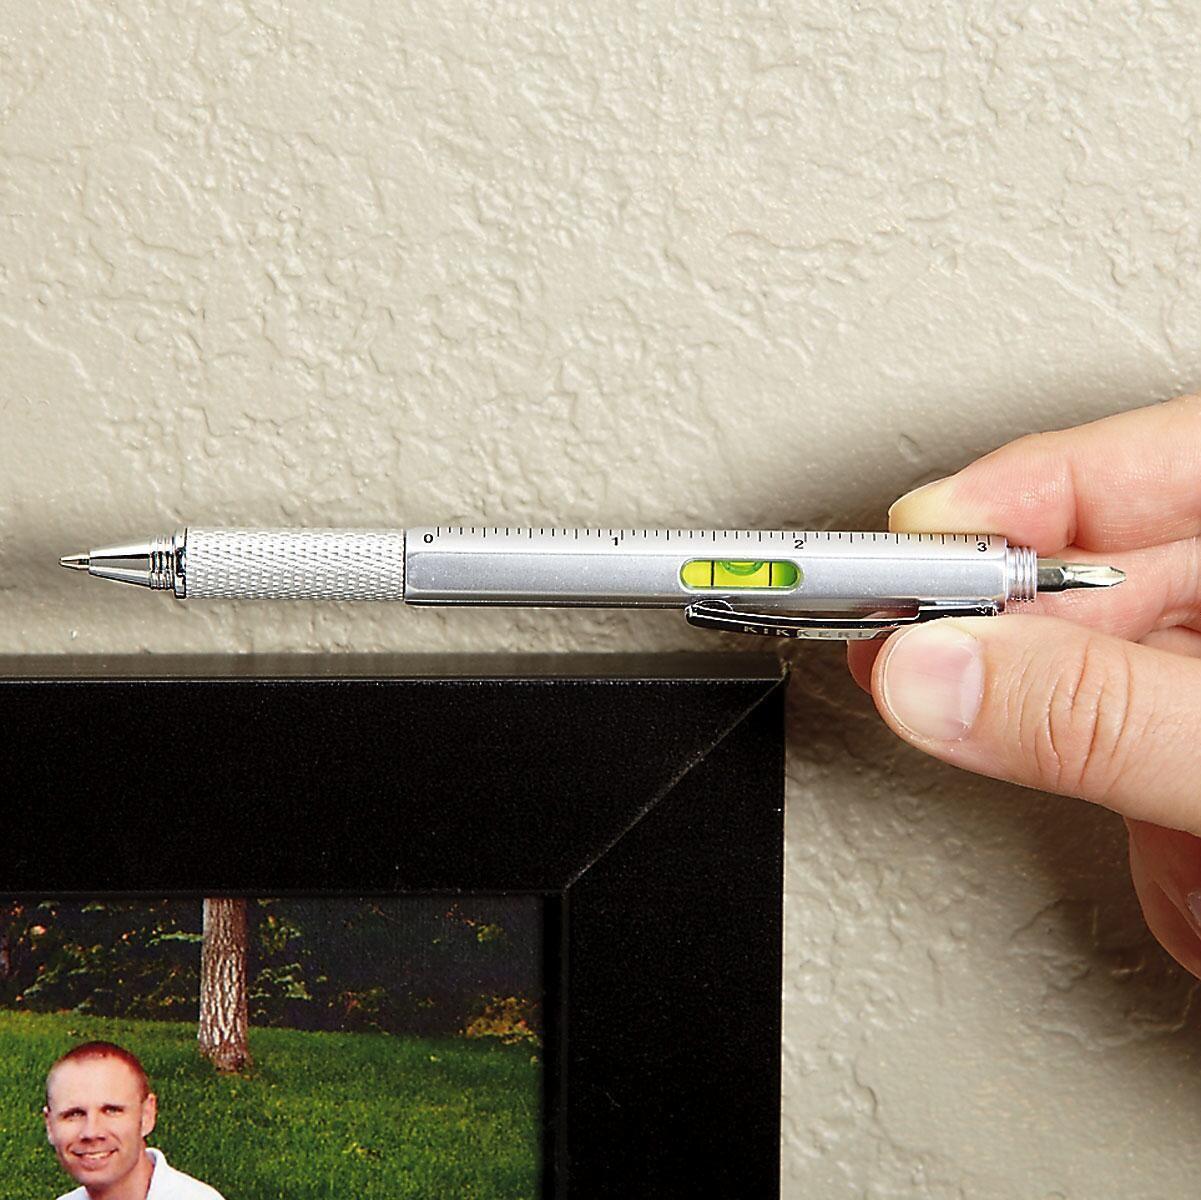 4-in-1 Pen Tool